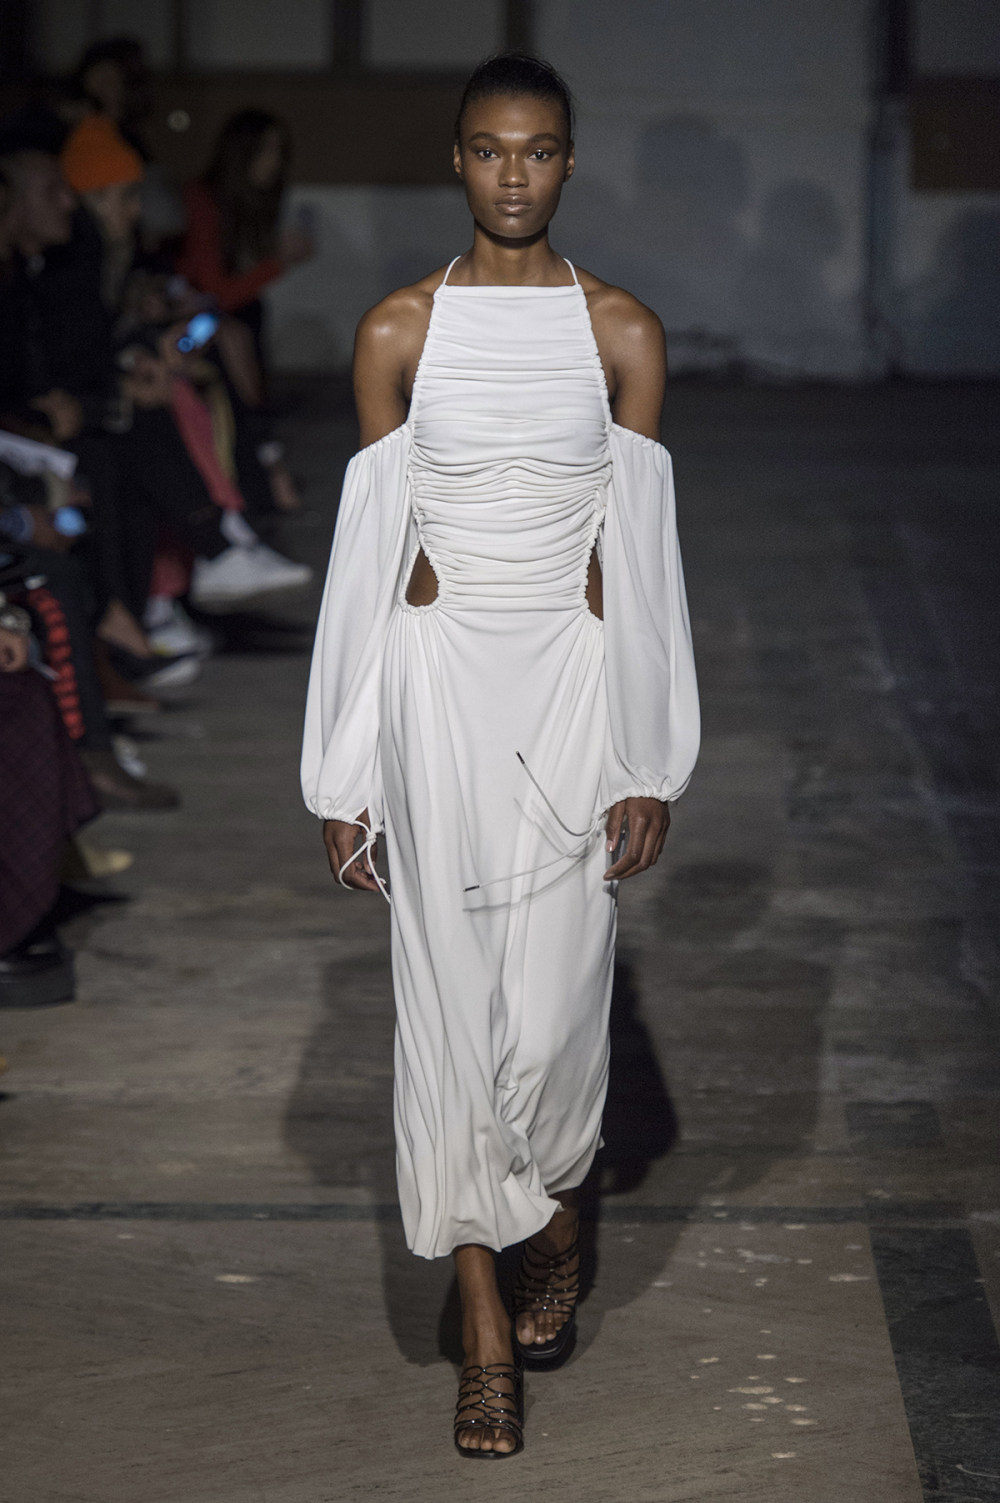 Dion Lee没有紧身衣的连衣裙被聚集或扭曲保持调色板的简约和奢华-28.jpg